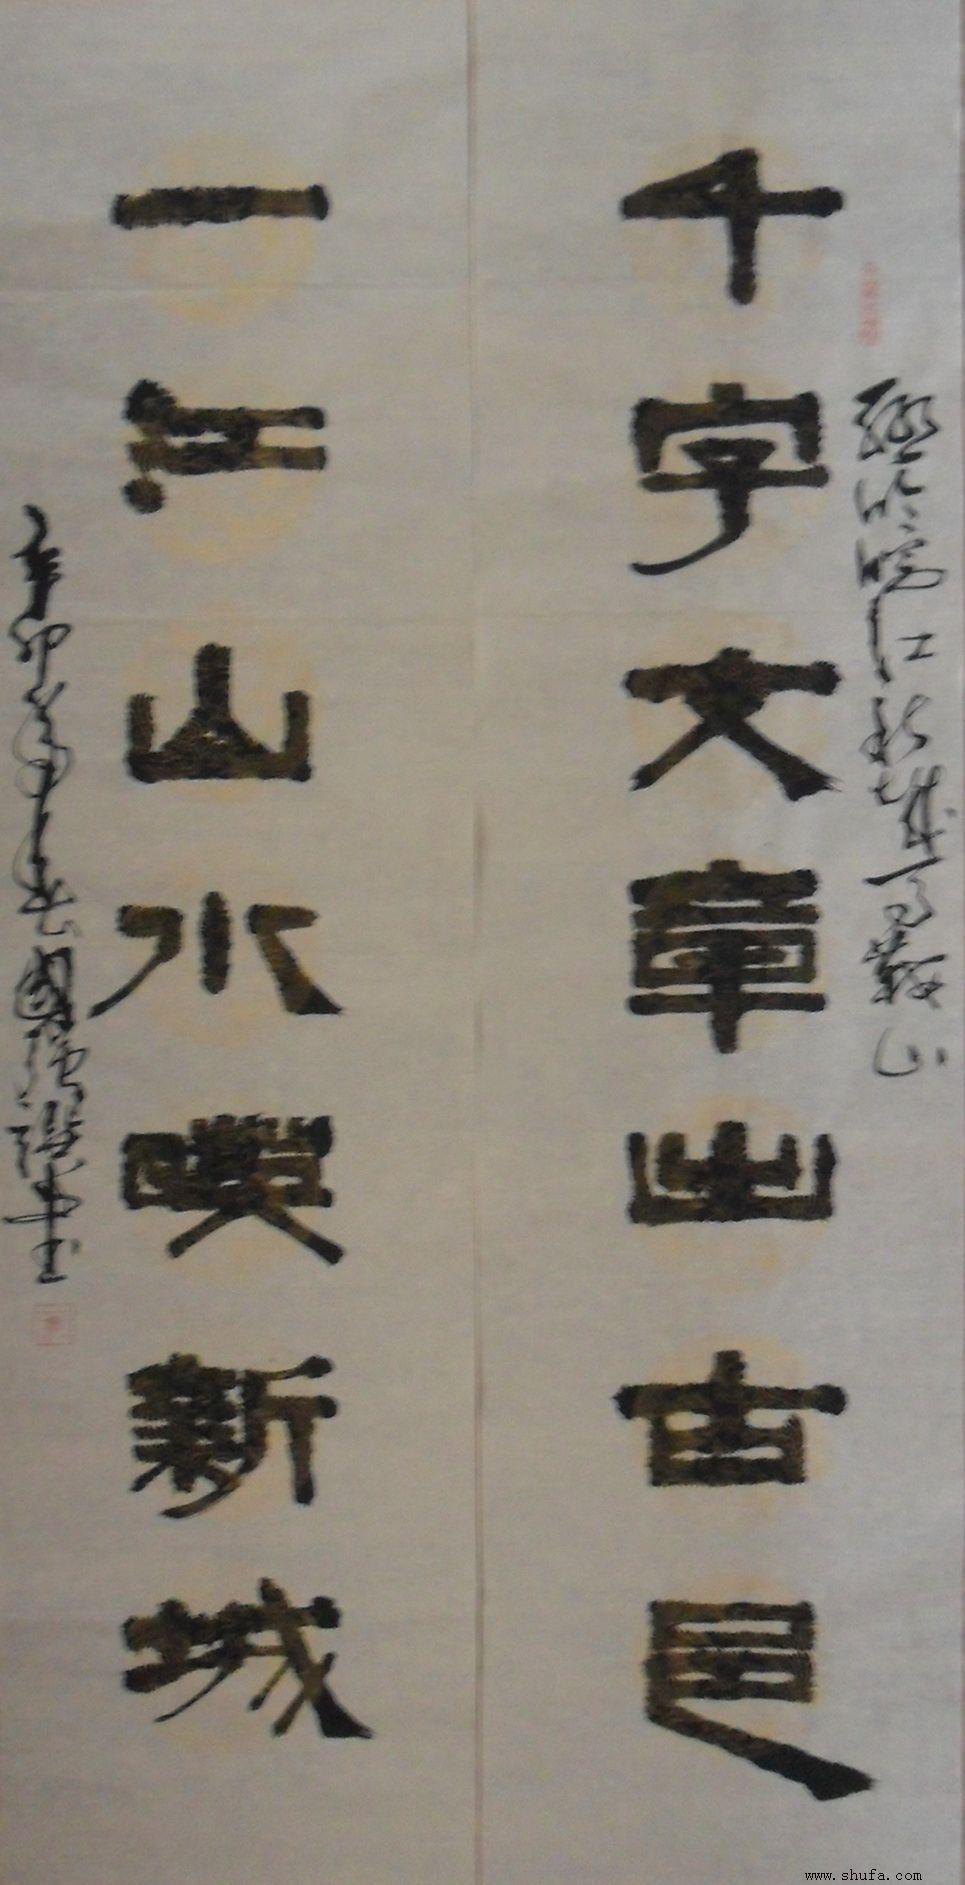 四字对联书法新闻::中国梦对联书法大全::经典书法